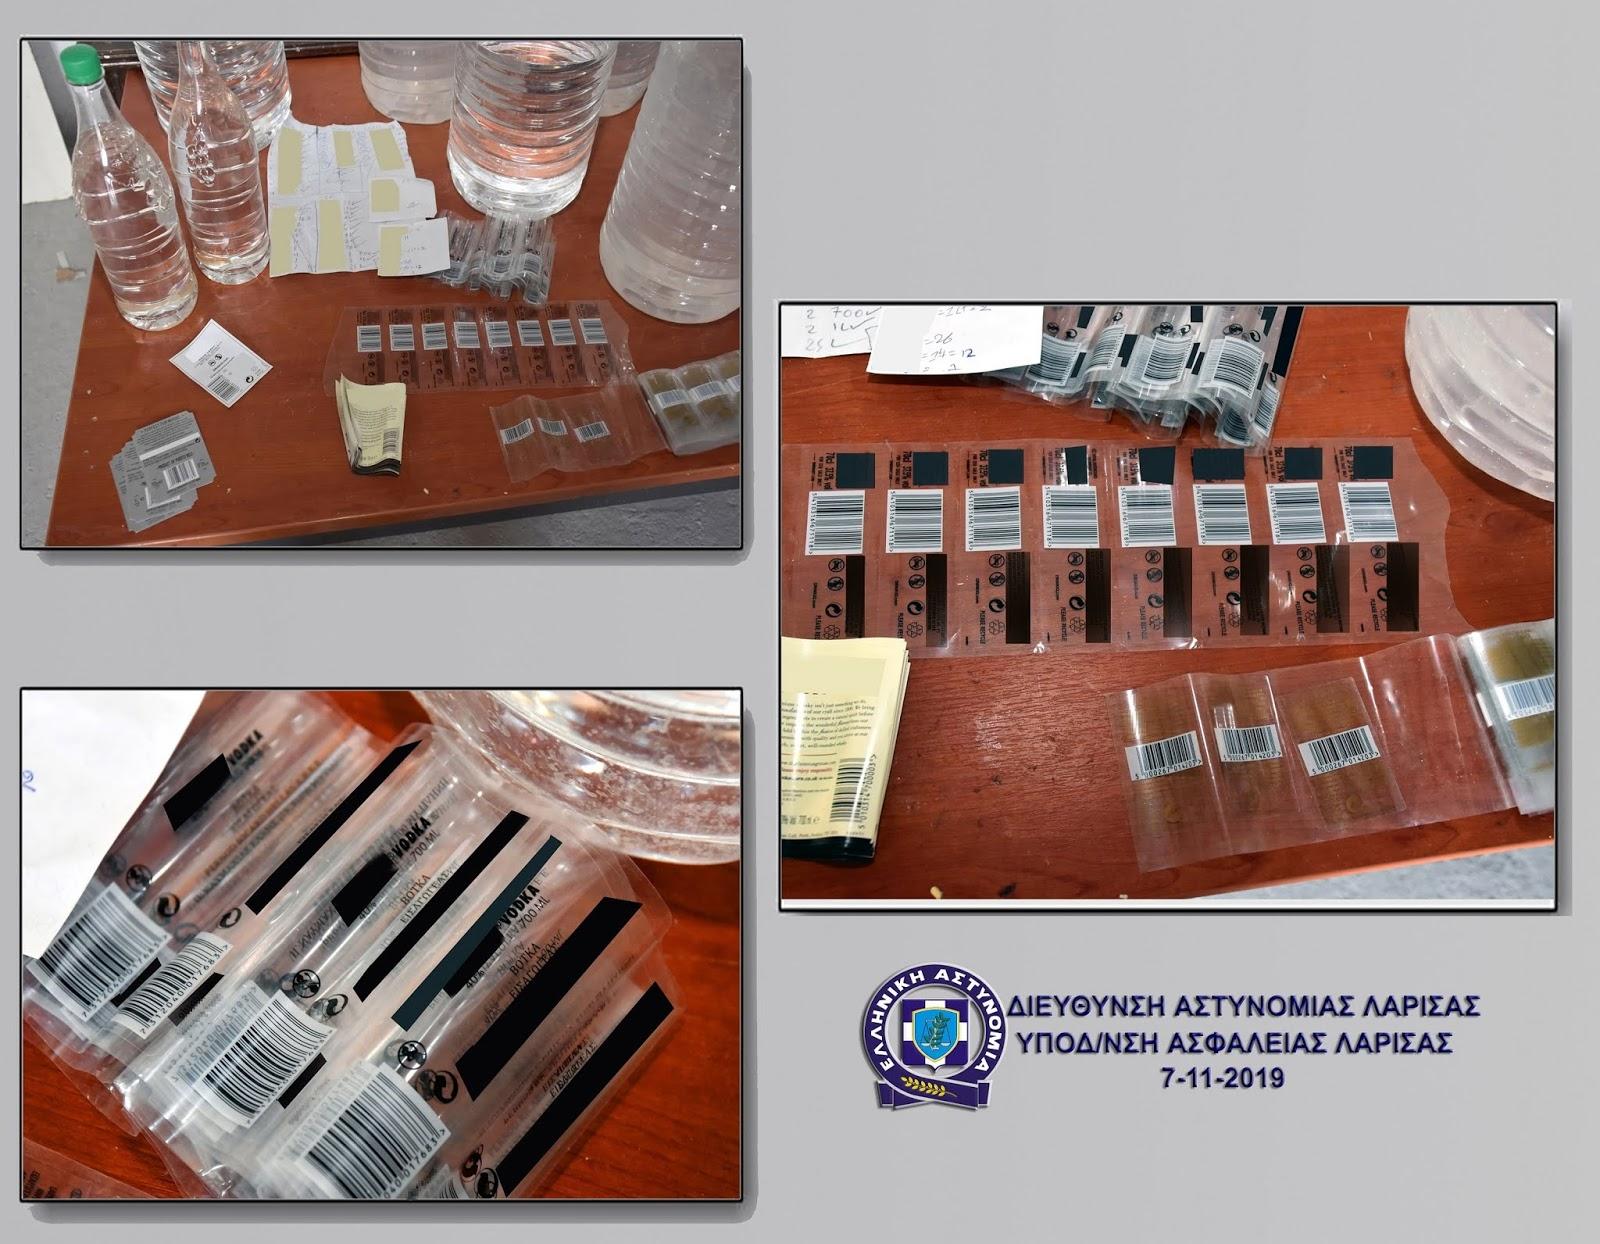 Η Υποδιεύθυνση Ασφάλειας Λάρισας για το μεγάλο κύκλωμα διακίνησης παράνομων ποτών (ΦΩΤΟ-VIDEO)